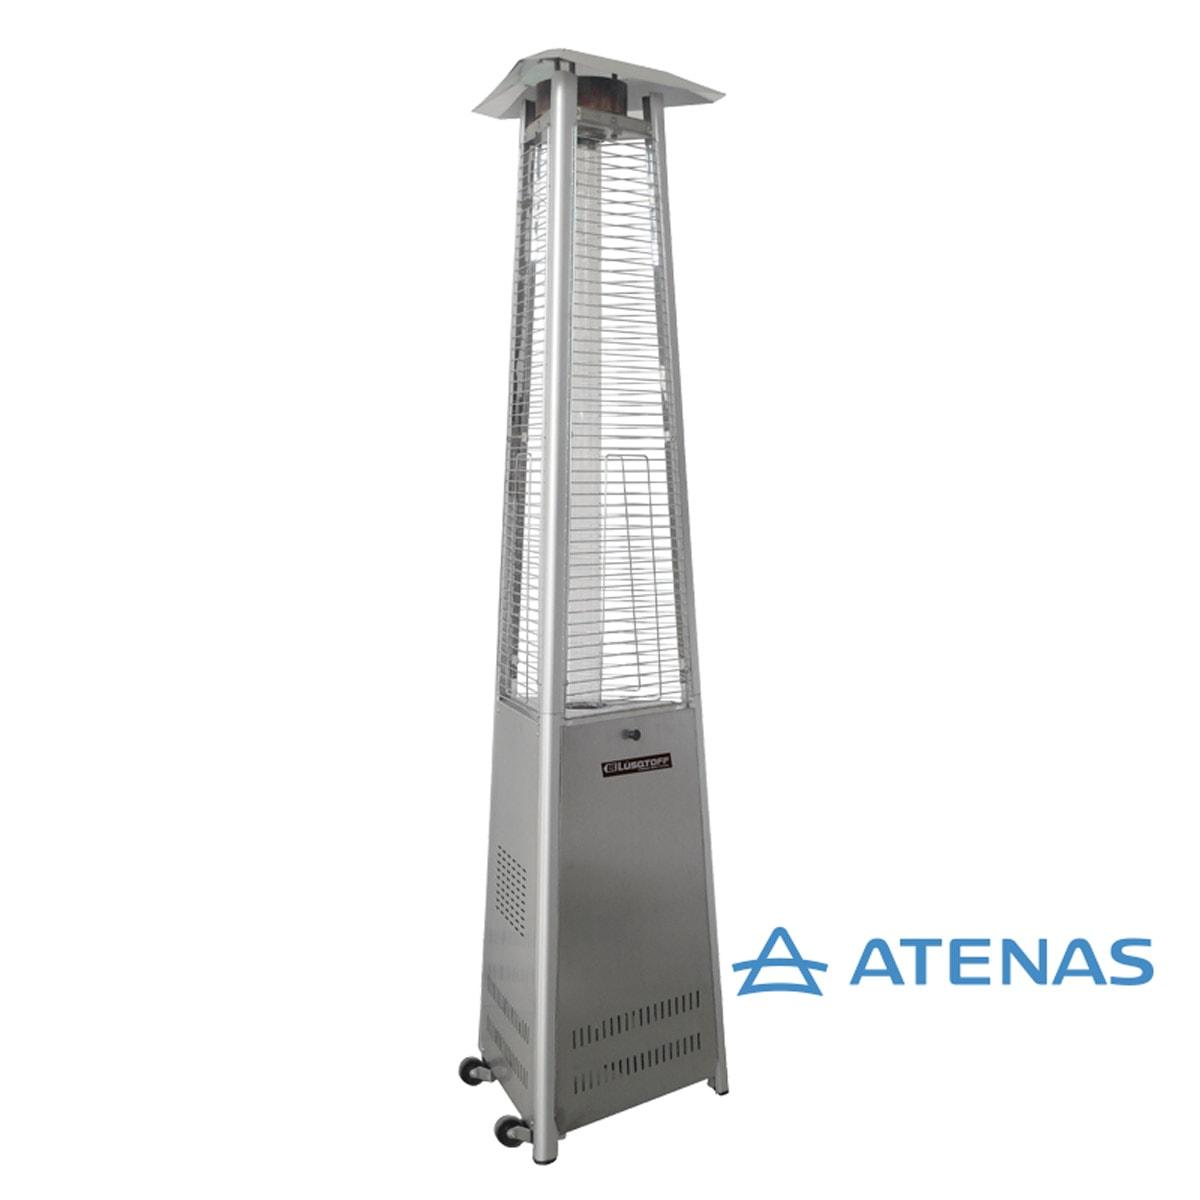 Estufa de Gas para Exterior Pirámide Acero Inoxidable Lusqtoff JK-1010 - Atenas